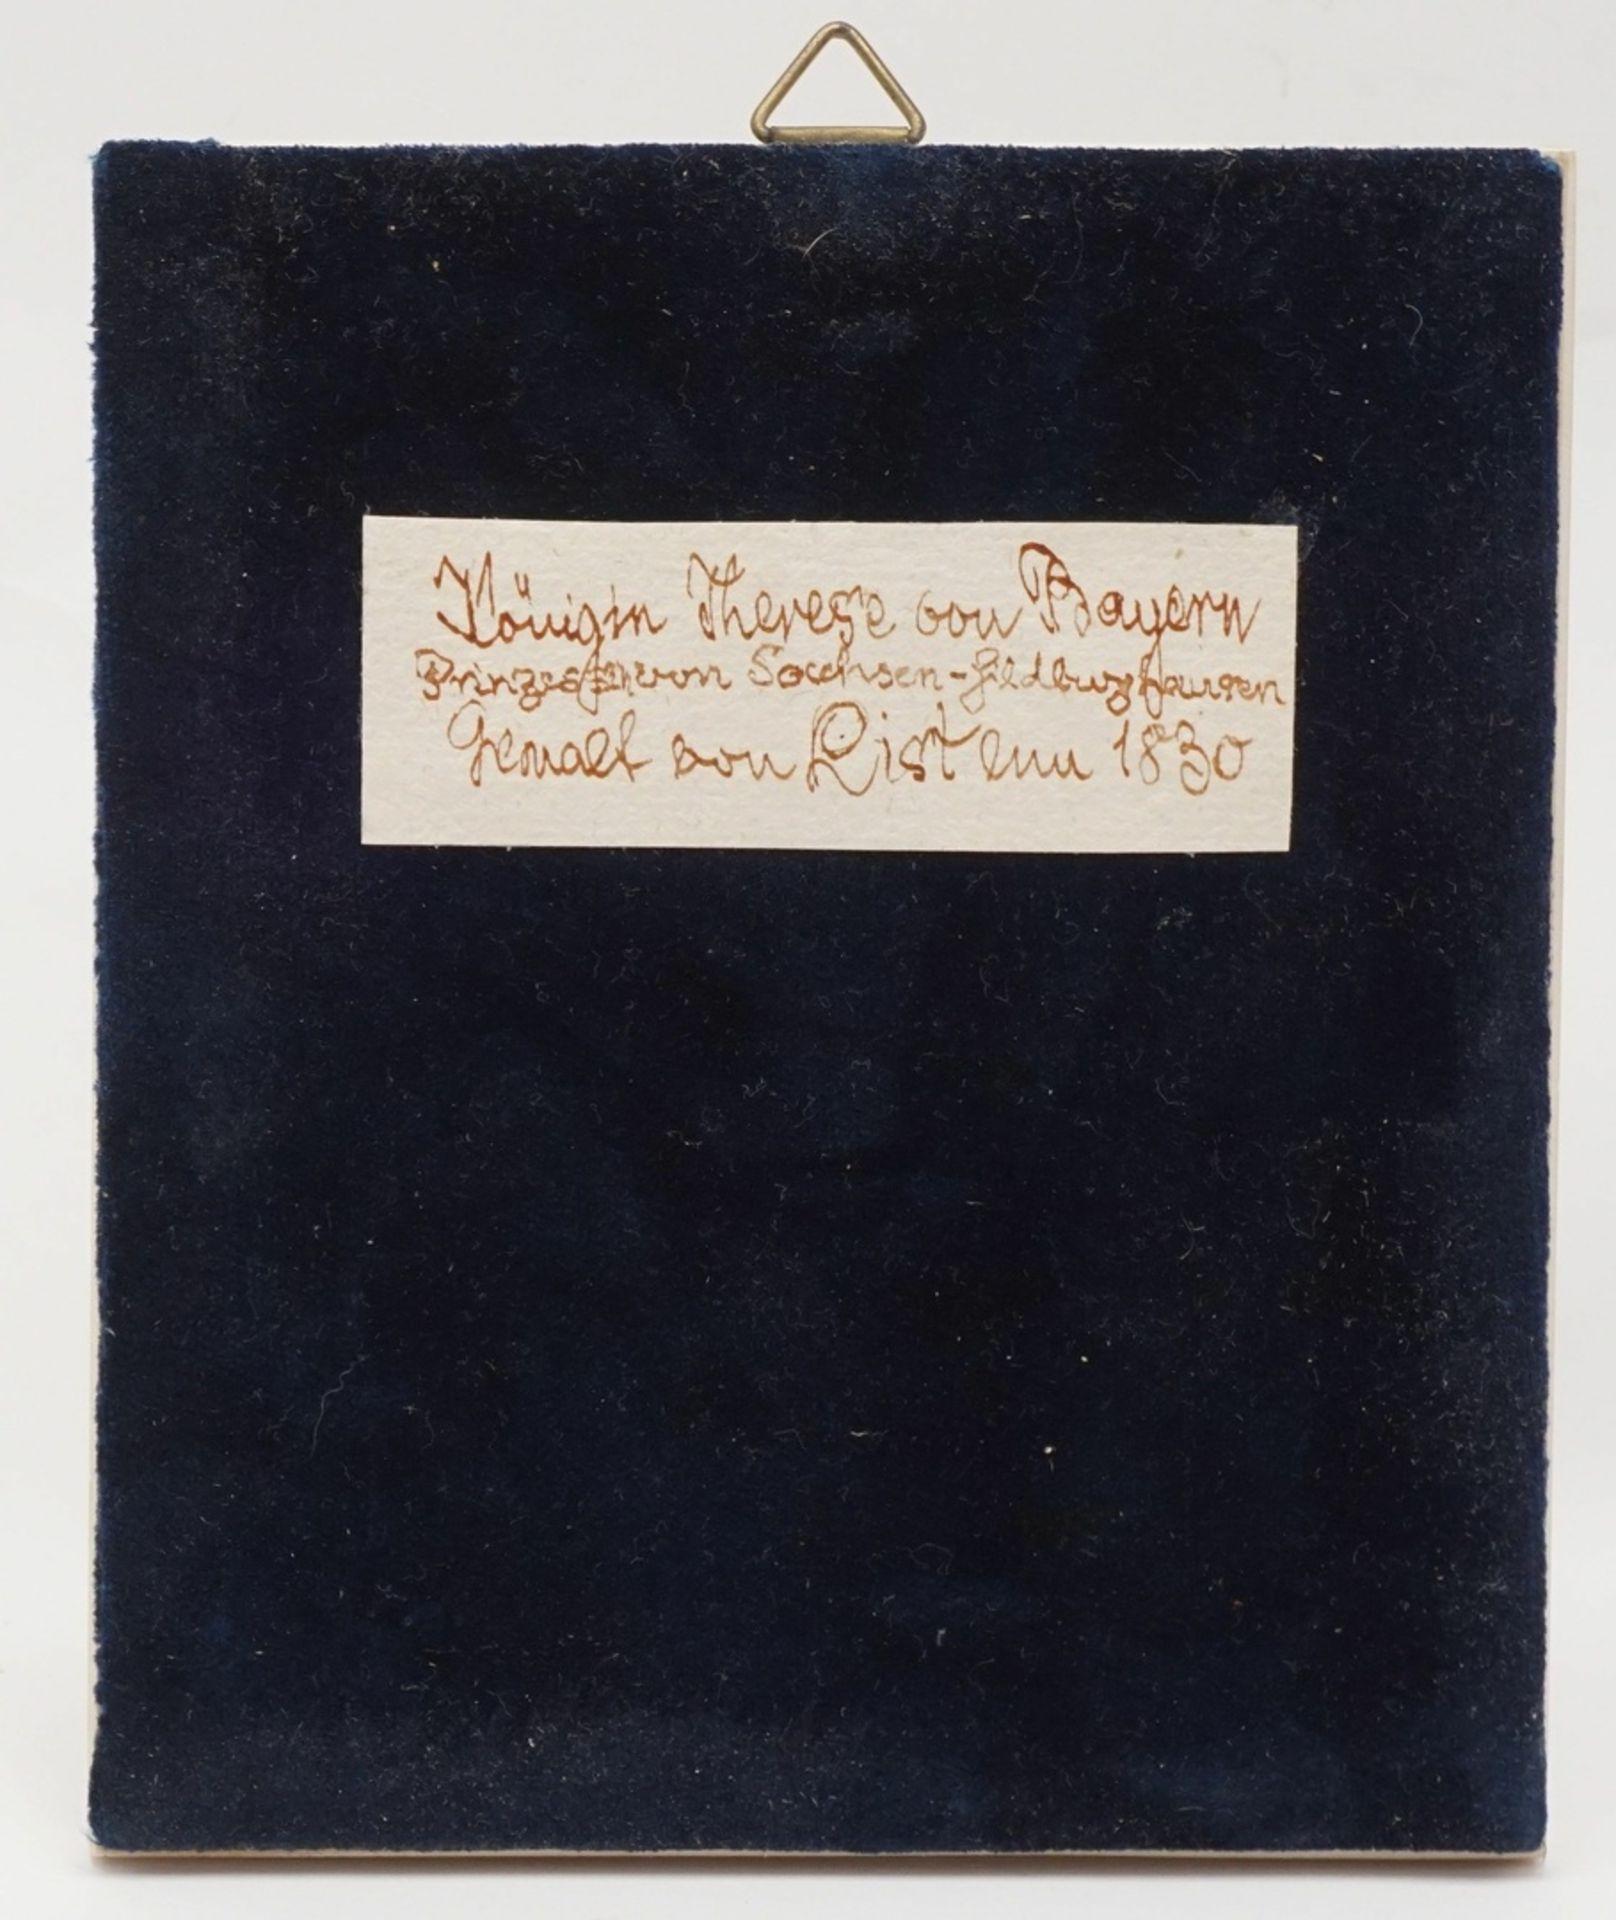 Miniatur der Therese von Bayern - Bild 2 aus 2